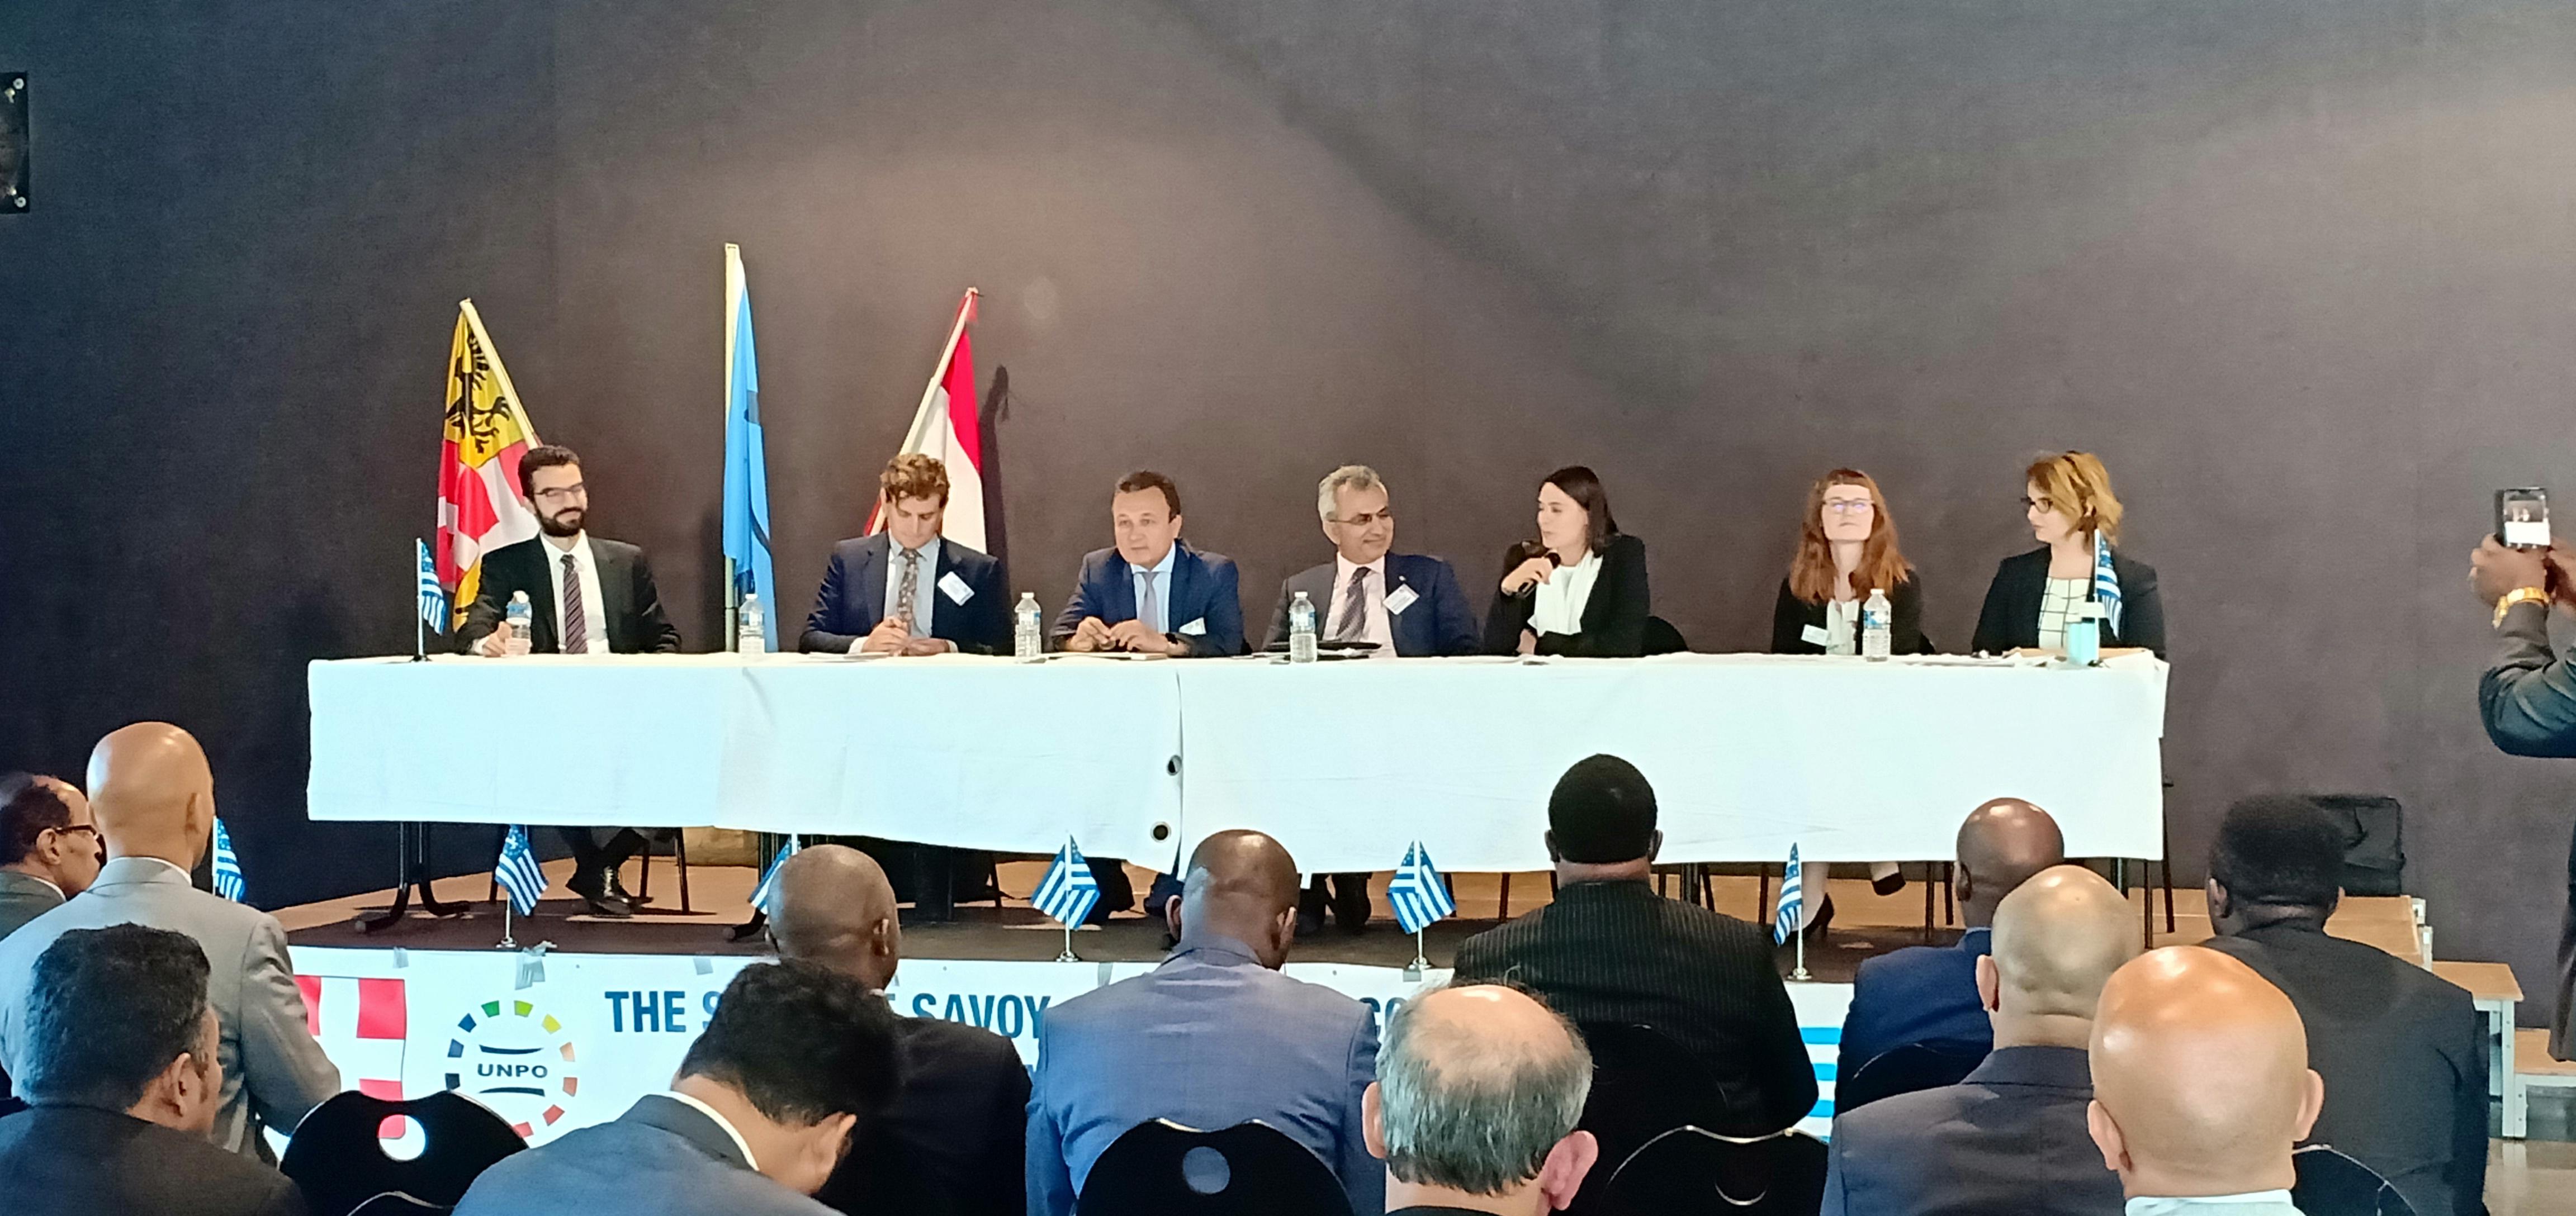 Hari Ke-2 Persidangan UNPO: Extraordinary Session